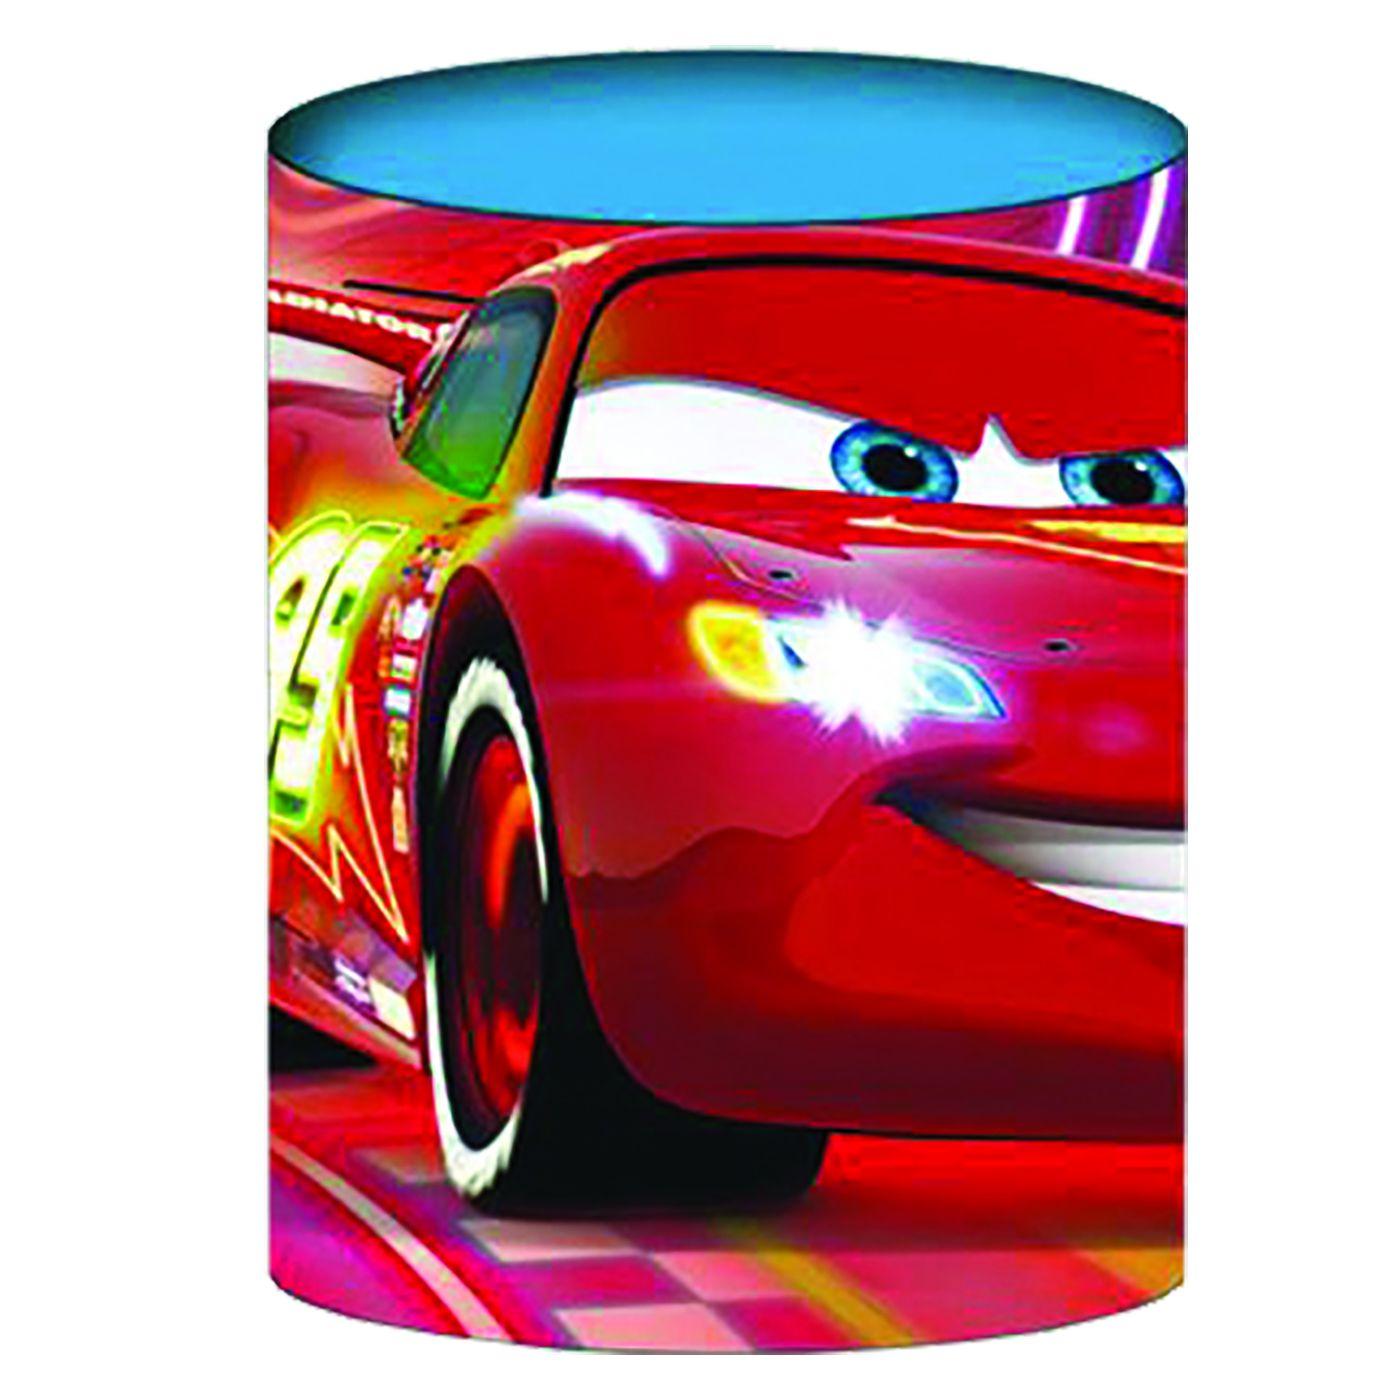 ΜΟΛΥΒΟΘΗΚΗ ΜΕΤΑΛΛΙΚΗ CARS 10x8cm